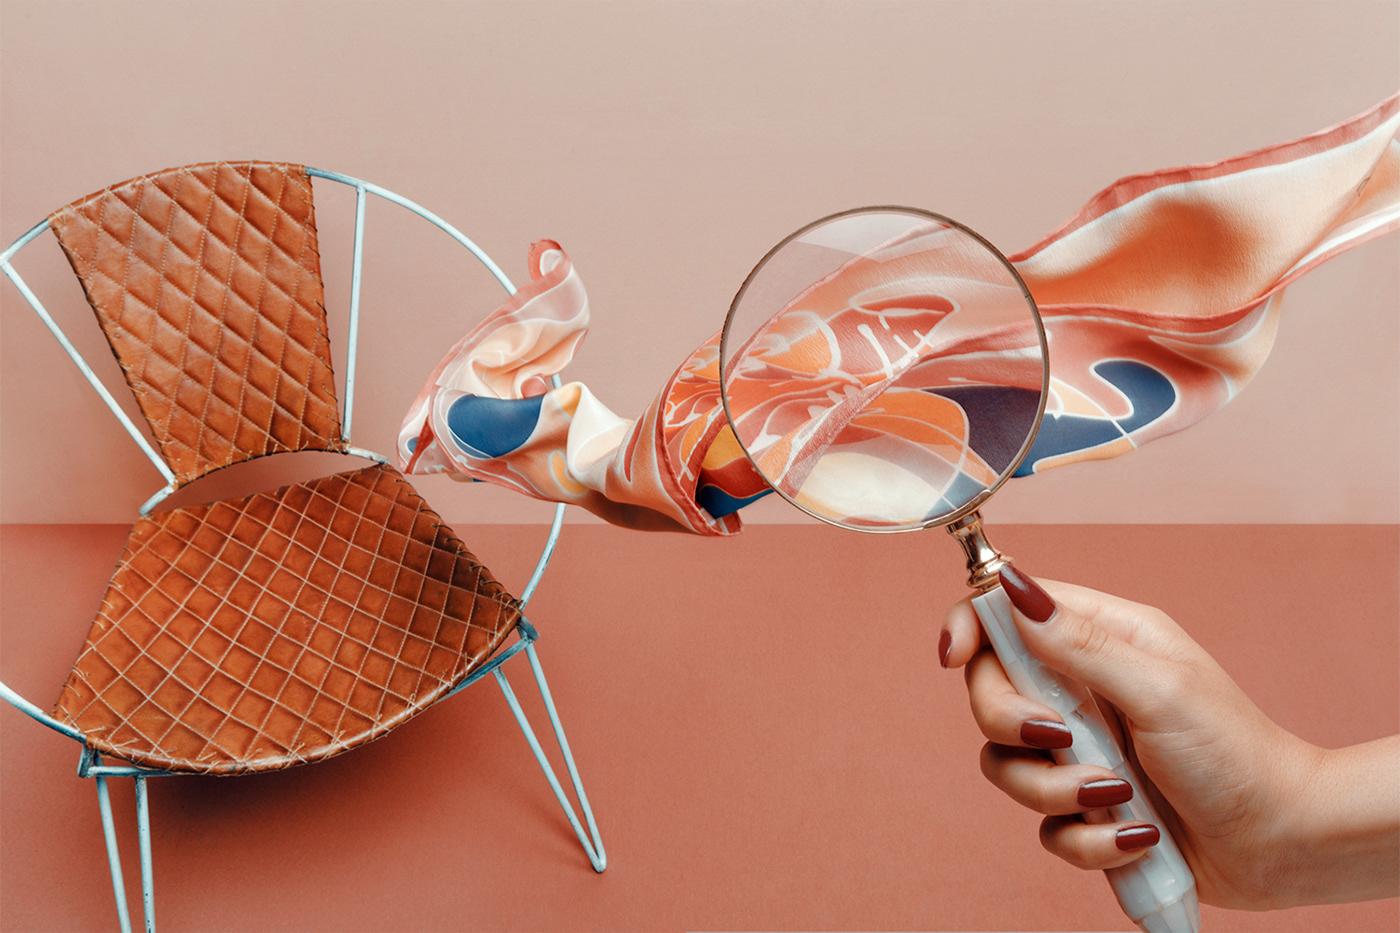 Campaña de Mikel Muruzábal sobre pañuelos de seda pintados a mano